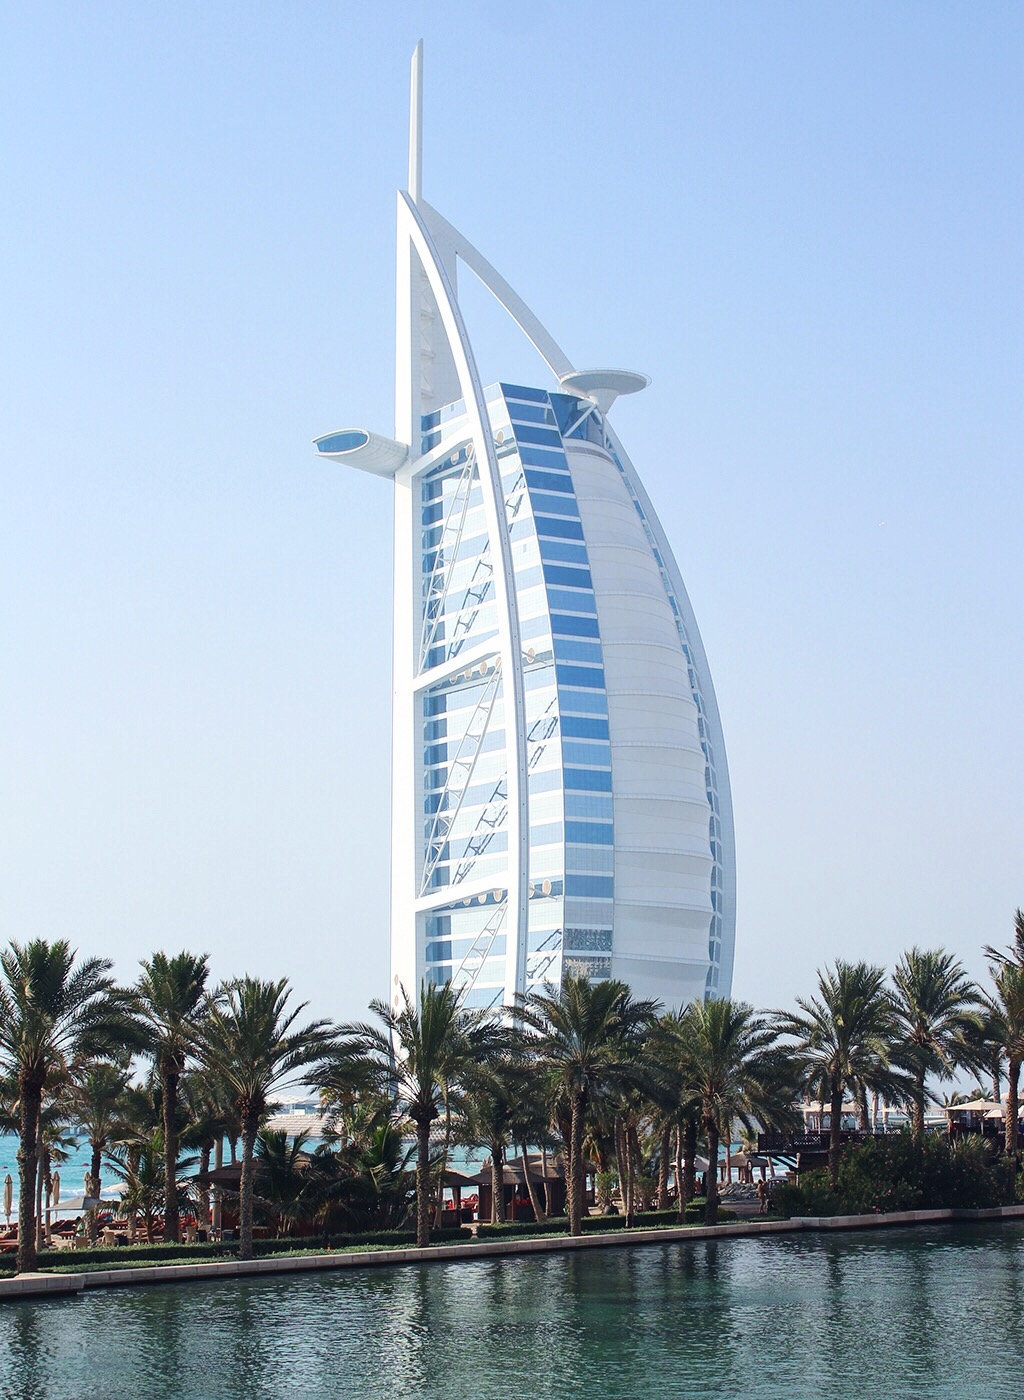 Burj al Arab Dubai Jumeirah